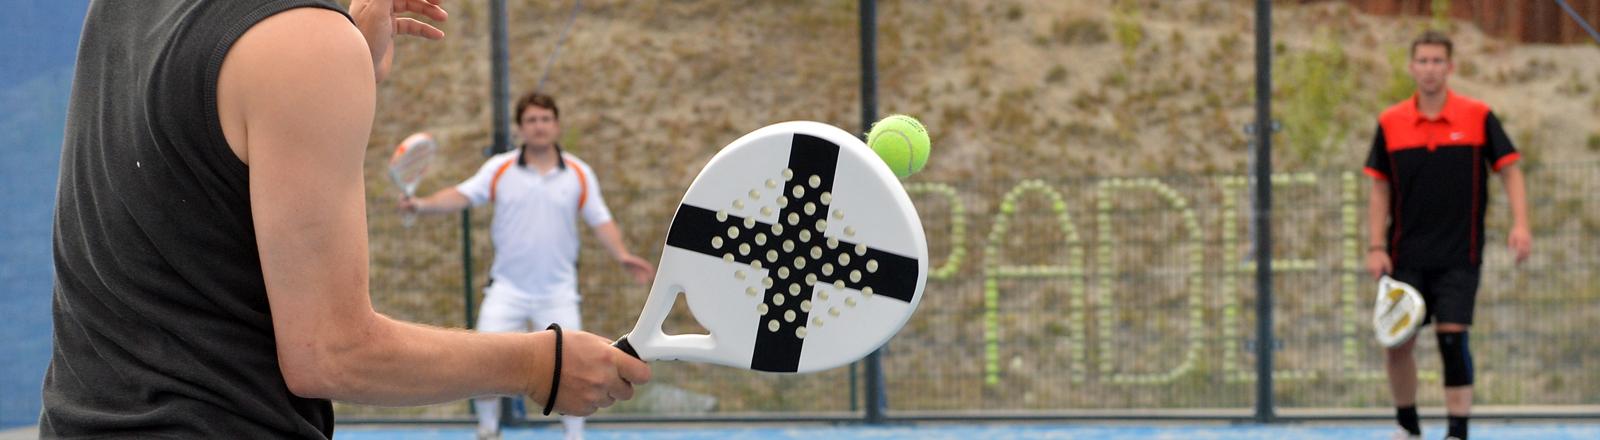 Menschen spiele Padel-Tennis